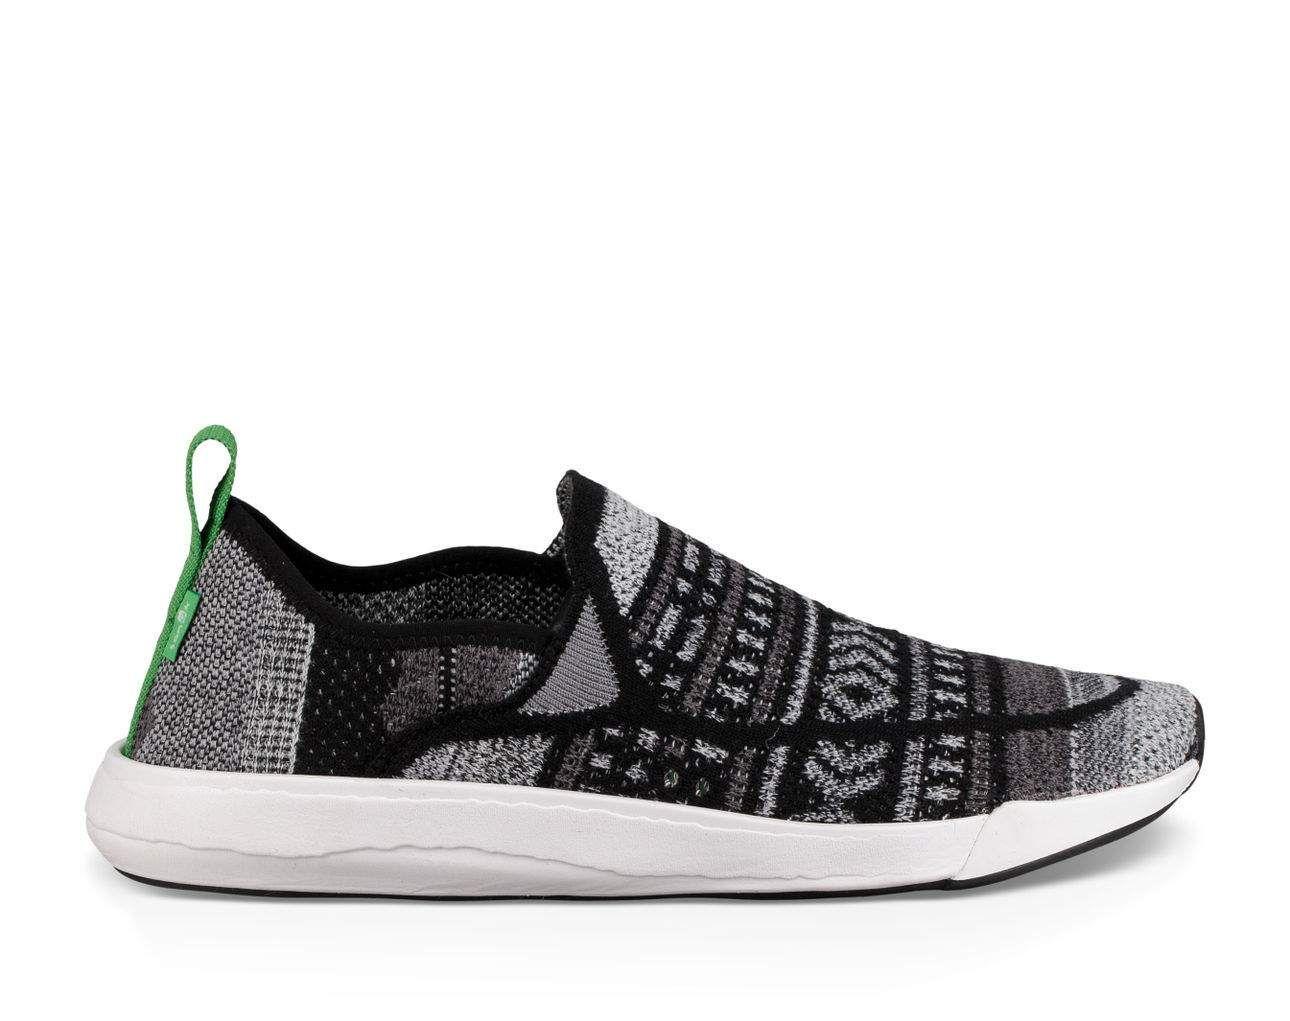 Sanuk Chiba Quest Knit Black Shoes Mens Size 11 *NEW*